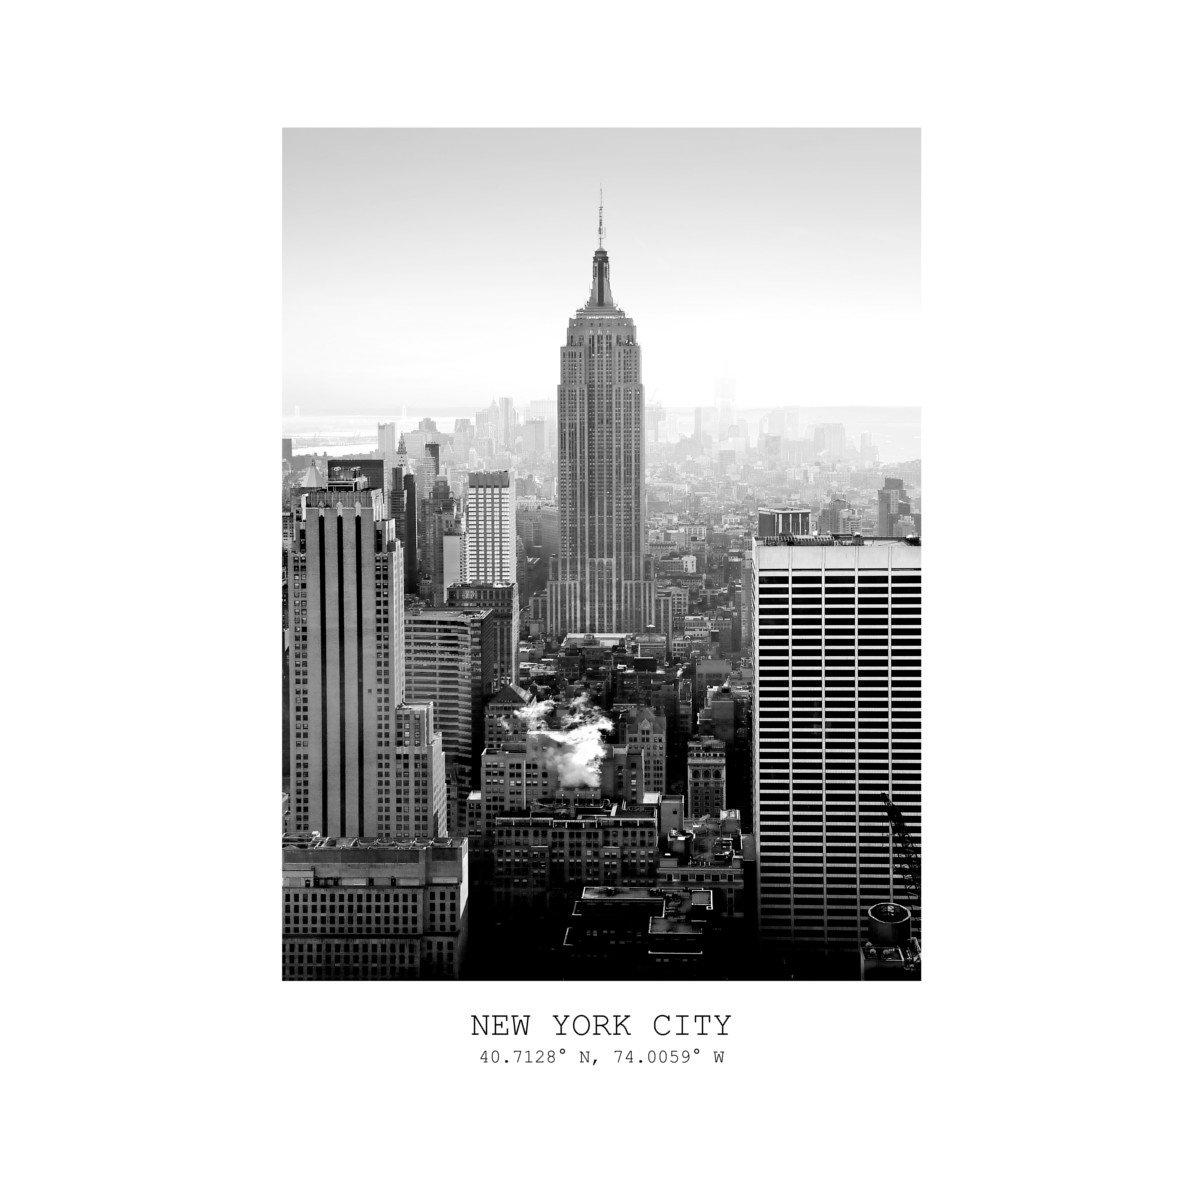 Aroma of Paris アートポスター おしゃれ インテリア 北欧 モノクロ アート #145 A2 ゴールドフレーム B079KSLXLQ A2 (420 x 594mm)|ゴールドフレーム ゴールドフレーム A2 (420 x 594mm)